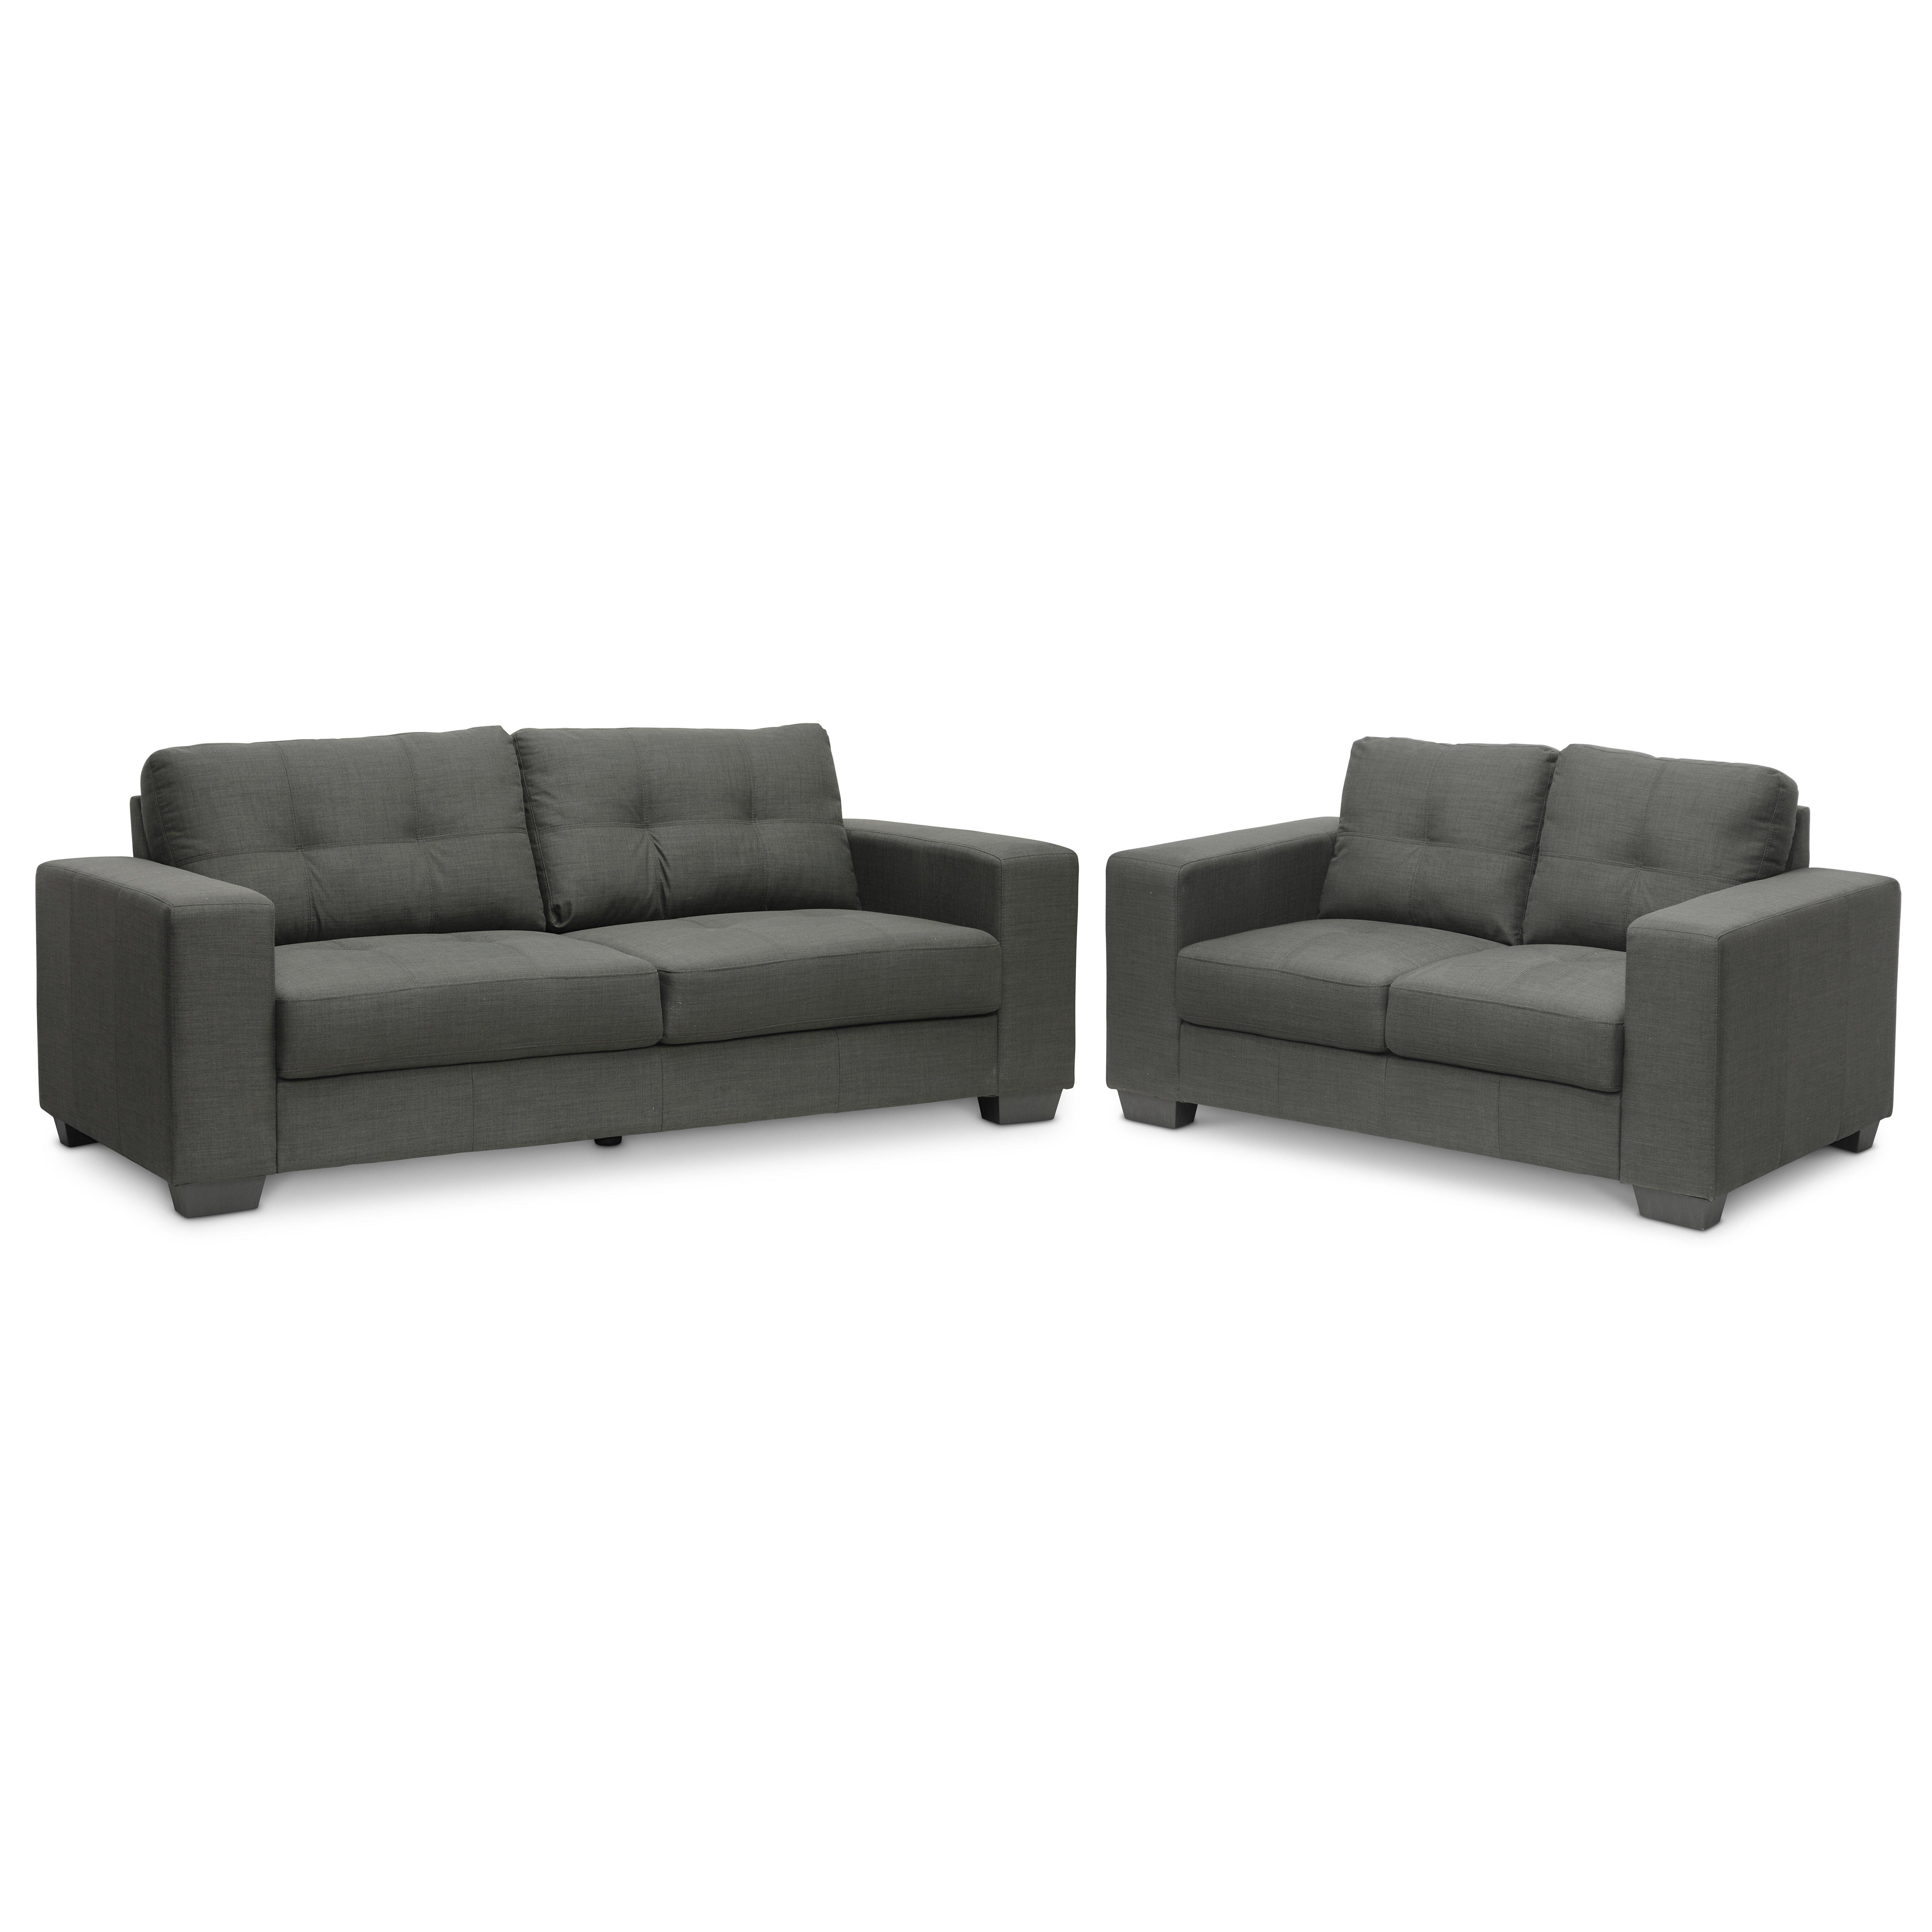 Westerlund 2 piece sofa set wayfair for 2 piece sofa set